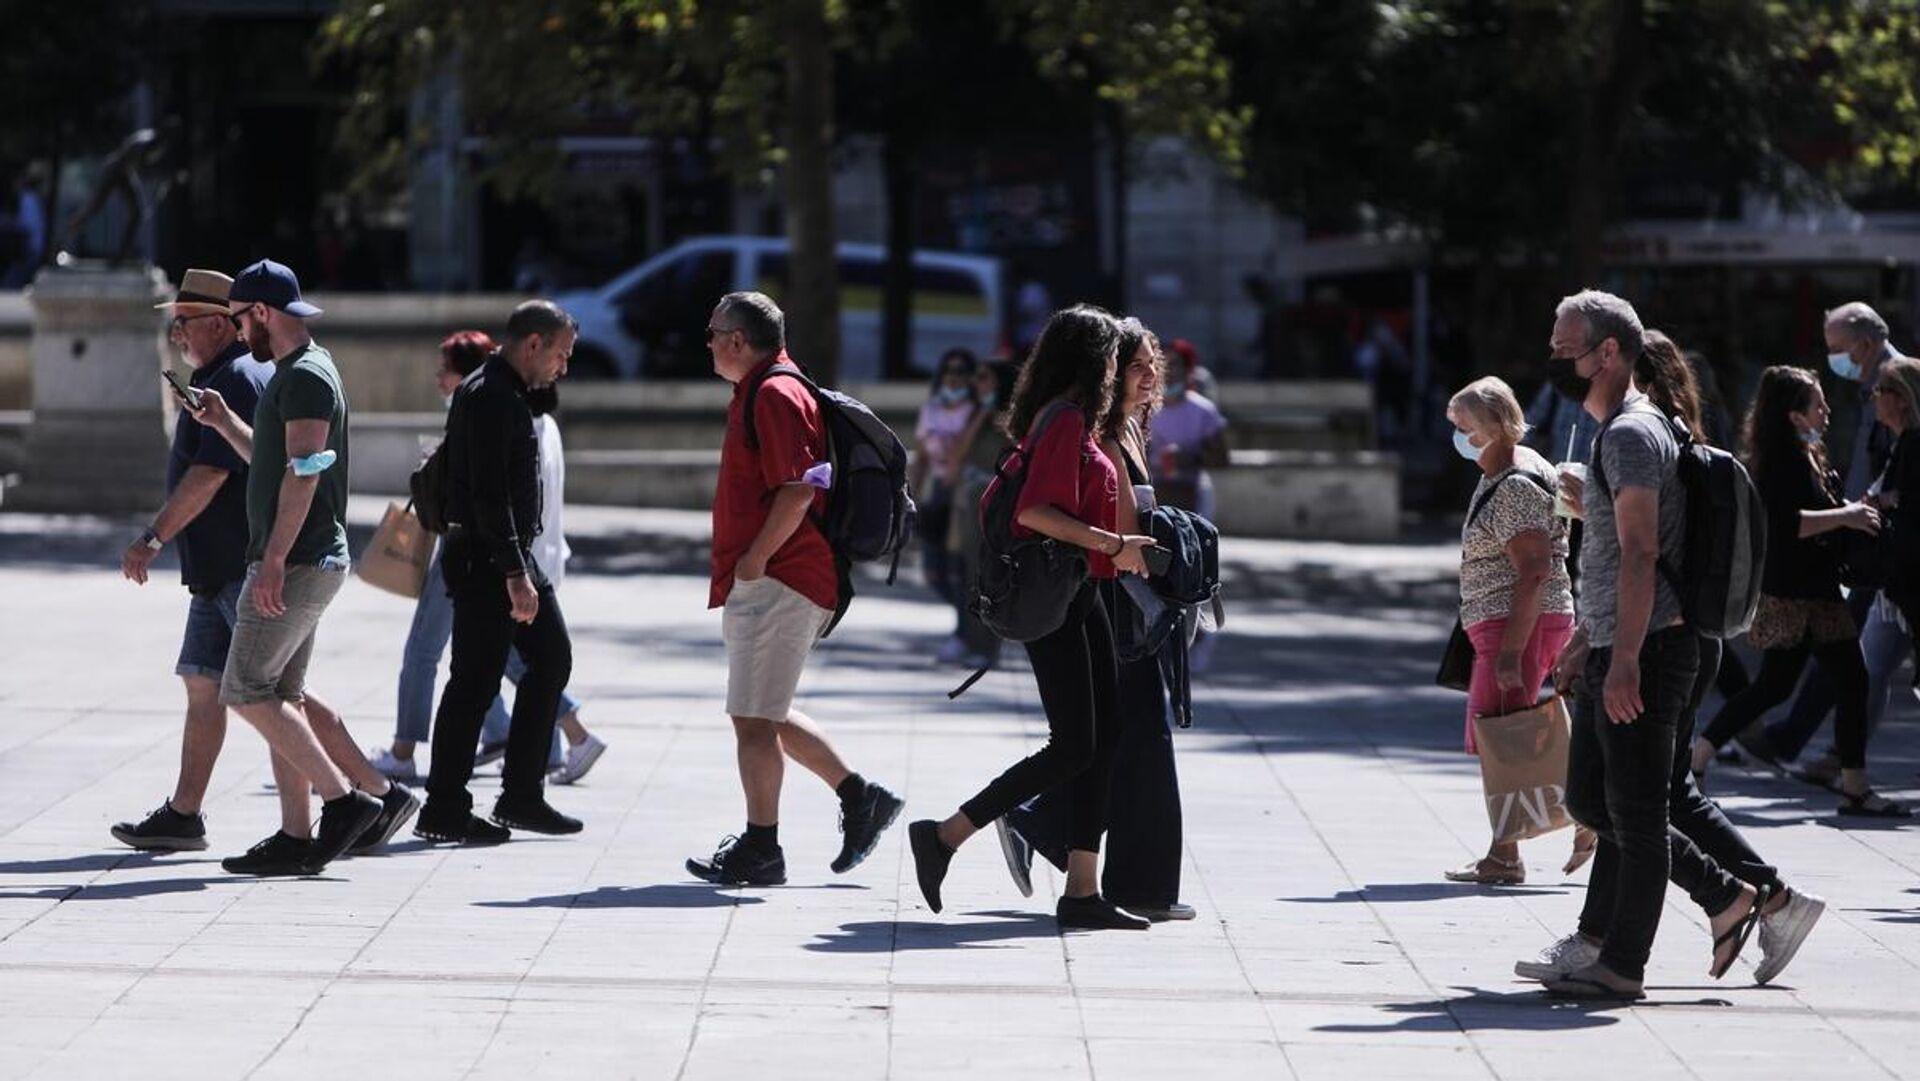 Βόλτα στο κέντρο της Αθήνας - Sputnik Ελλάδα, 1920, 28.09.2021